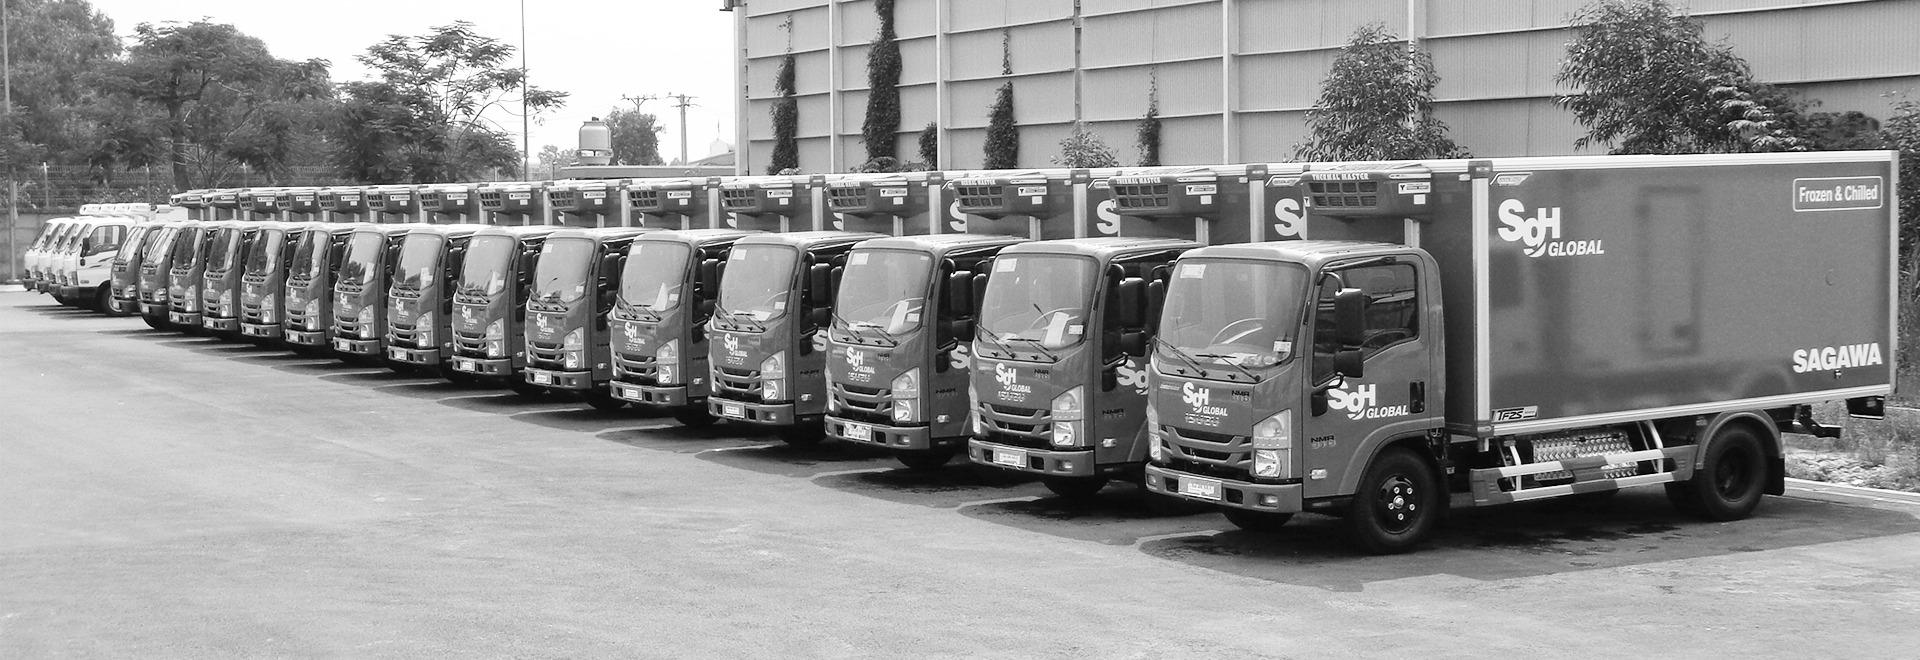 xe tải thùng đông lạnh tại quyền auto